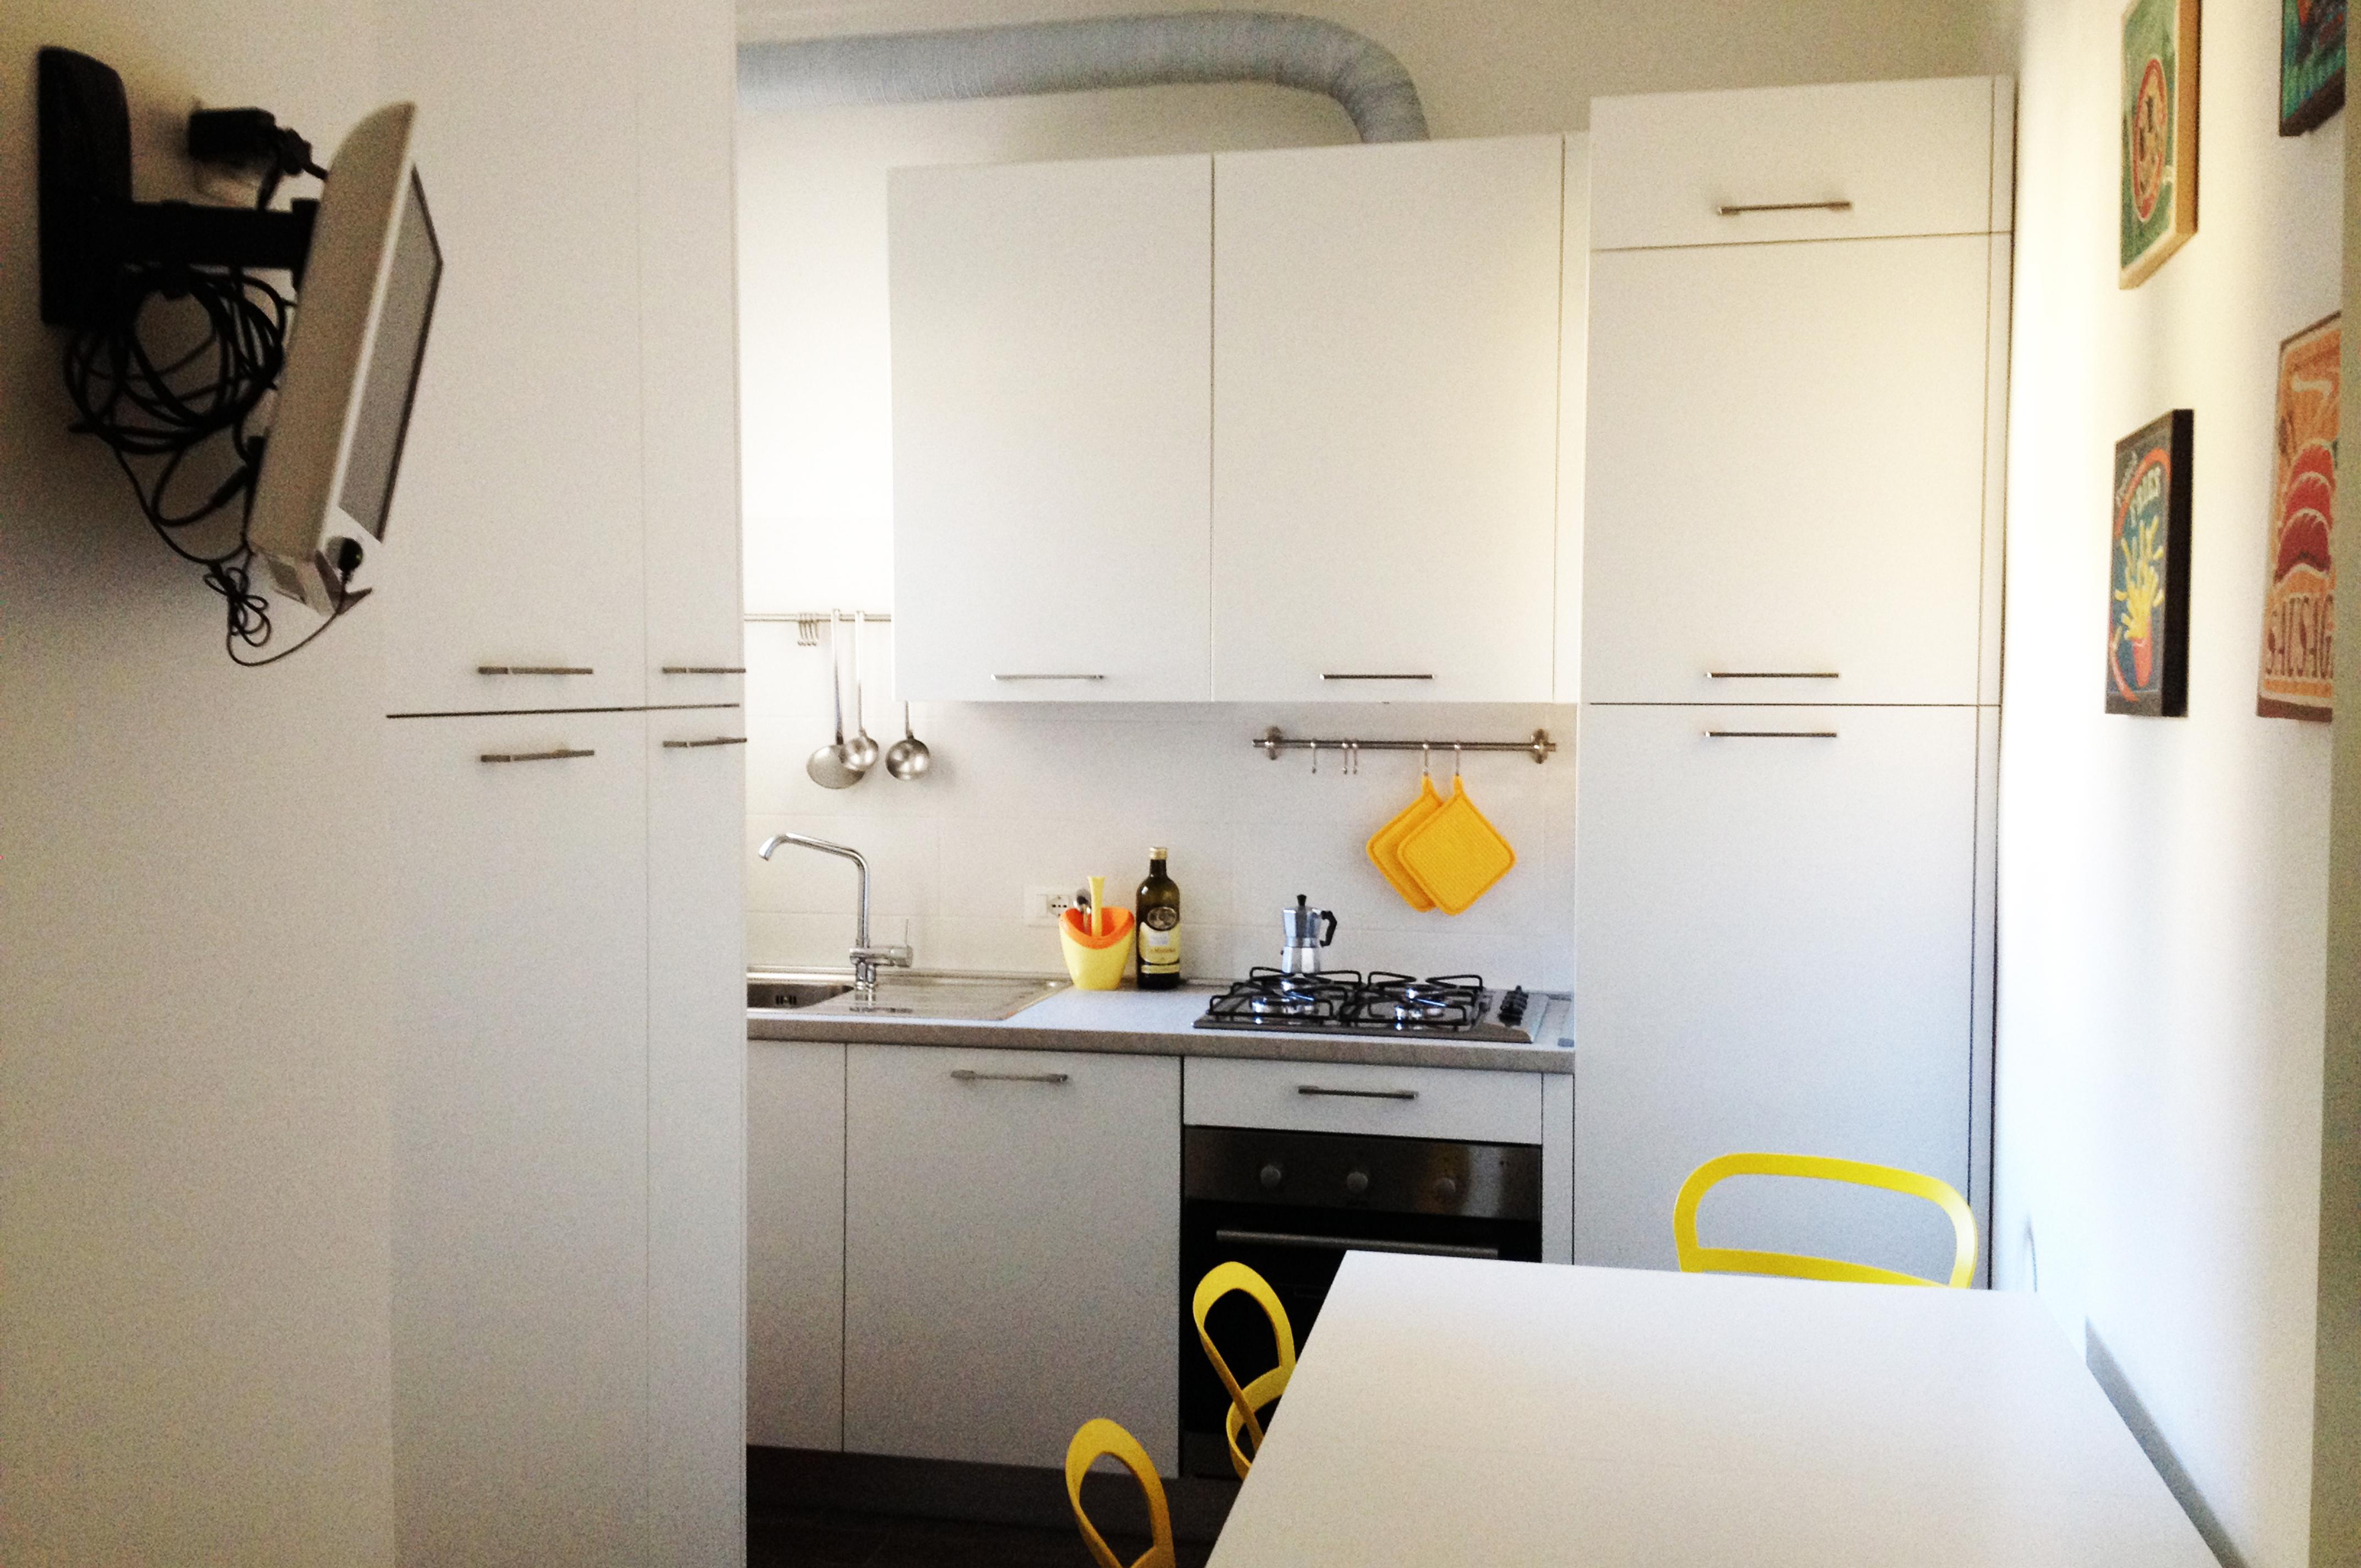 Treviso - Camere in Affitto - Santa Maria Rovere - Studio Architettura Zanatta